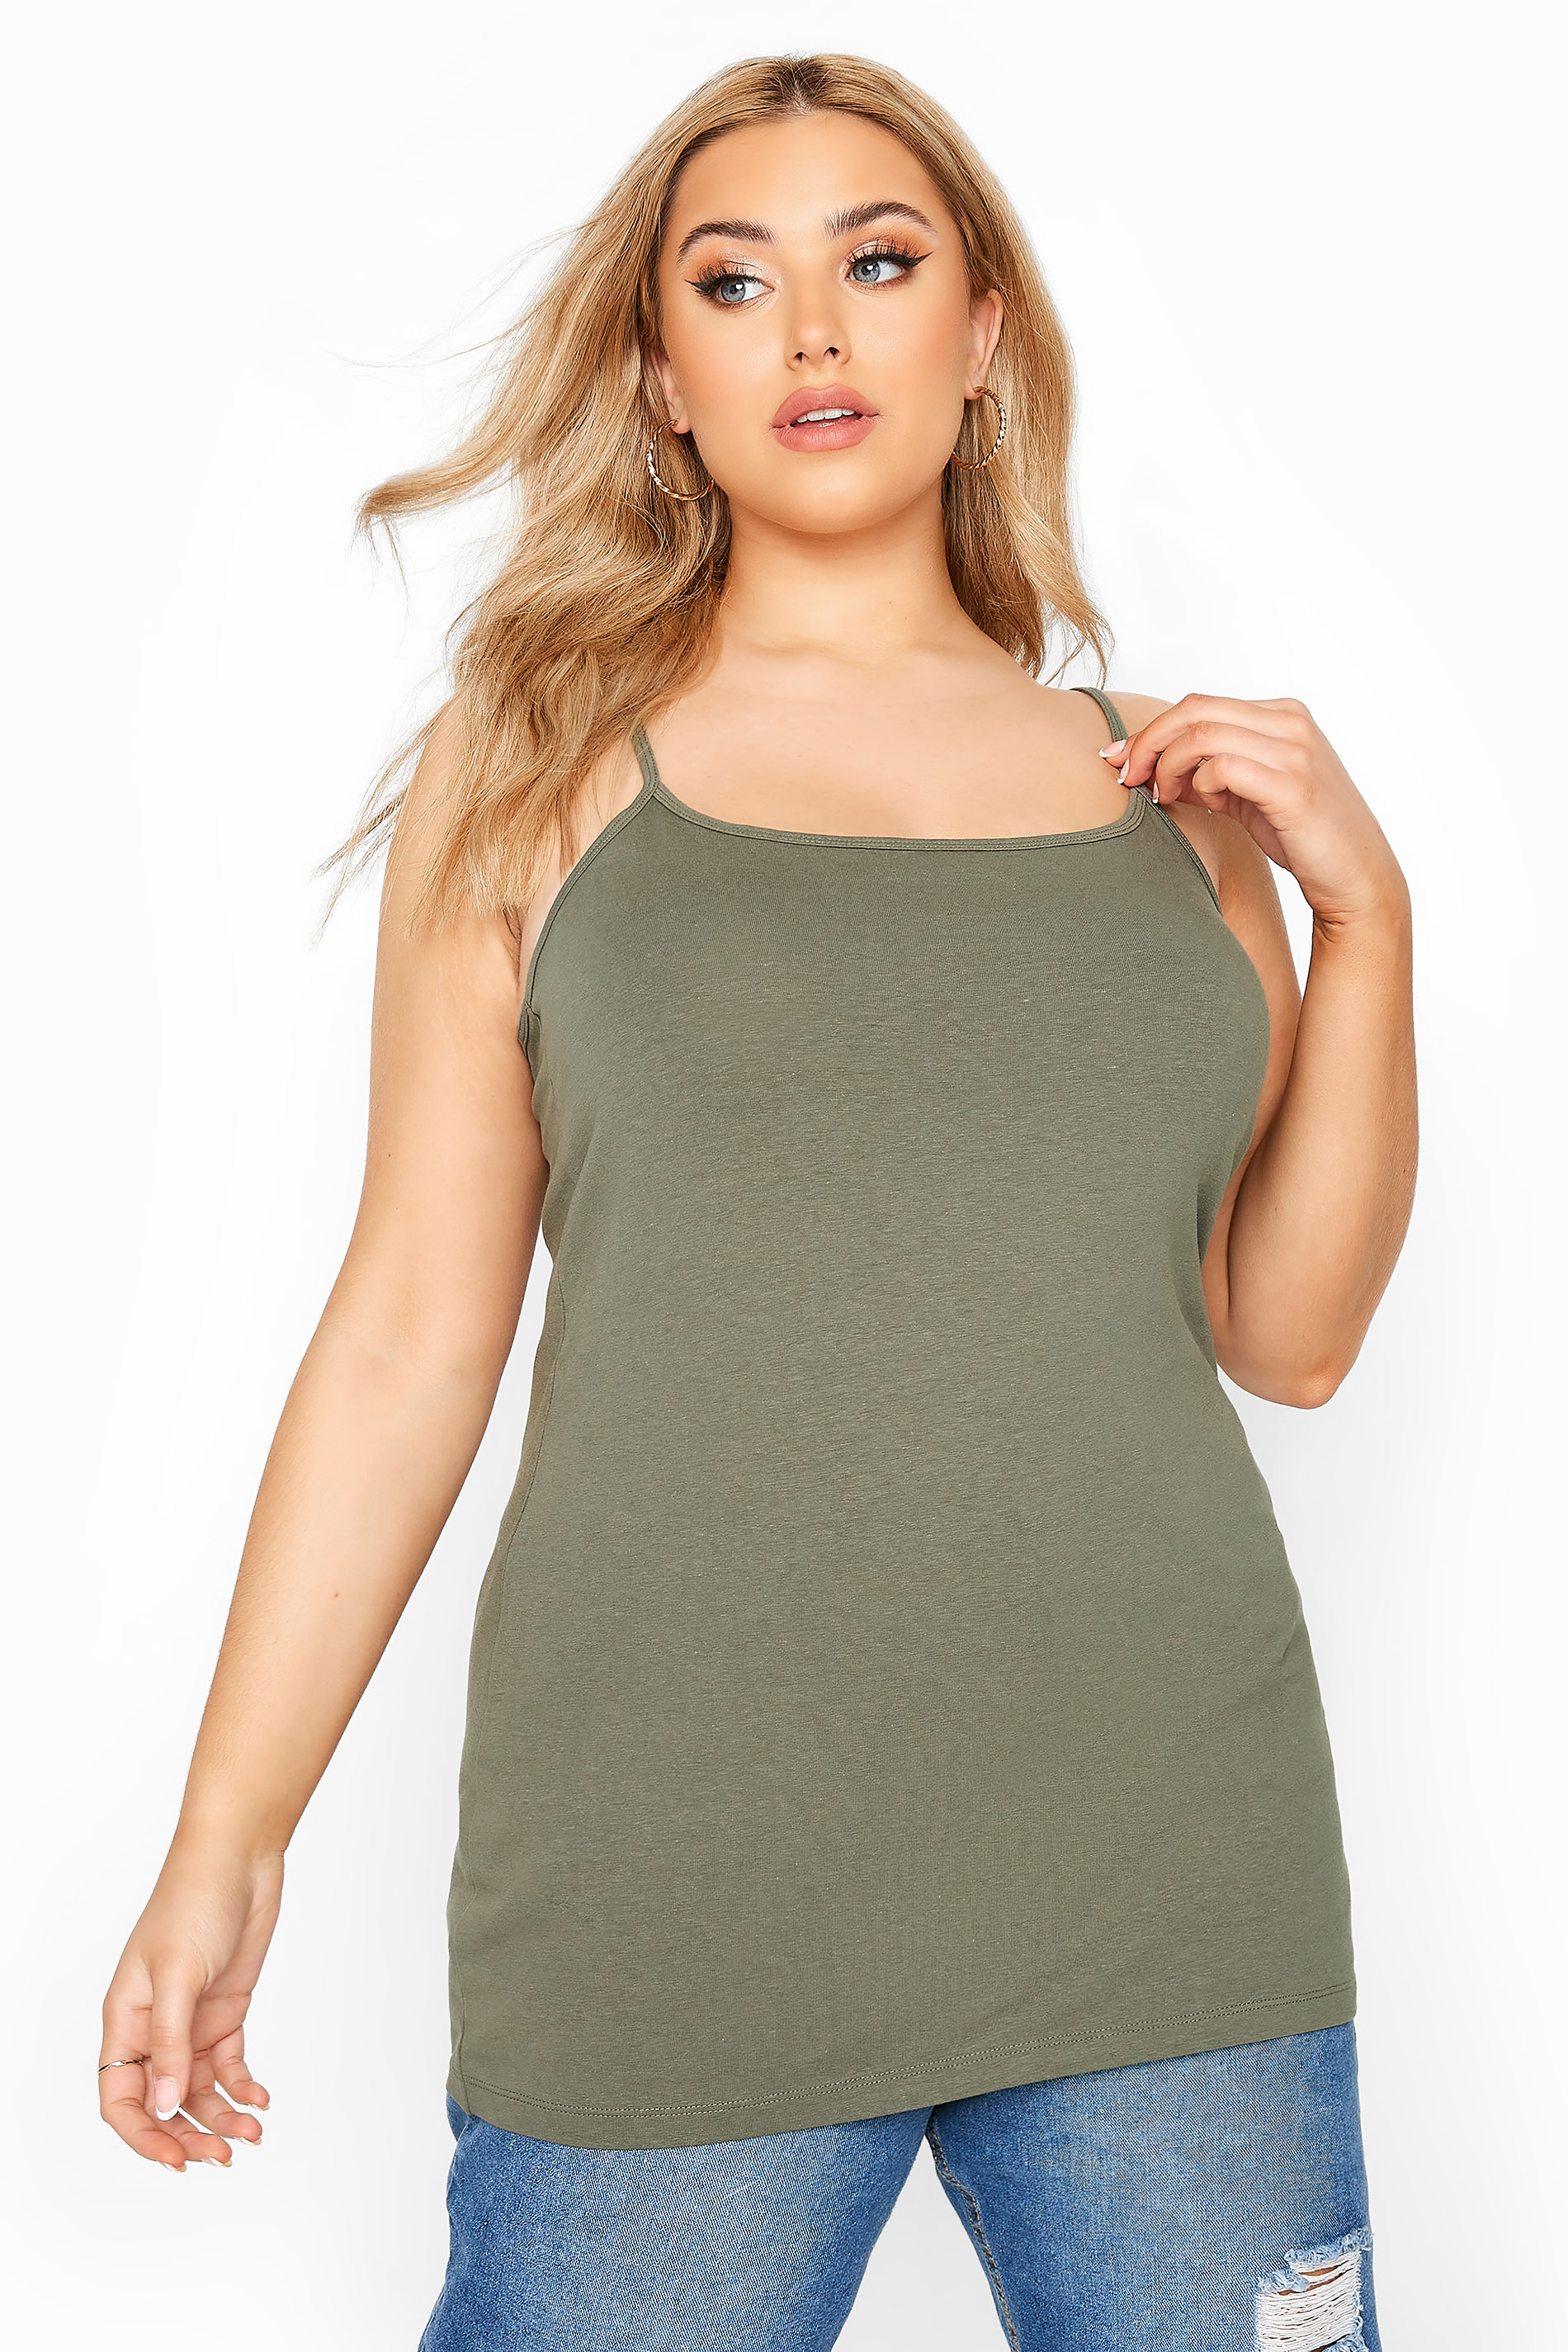 Khaki Green Cami Vest Top